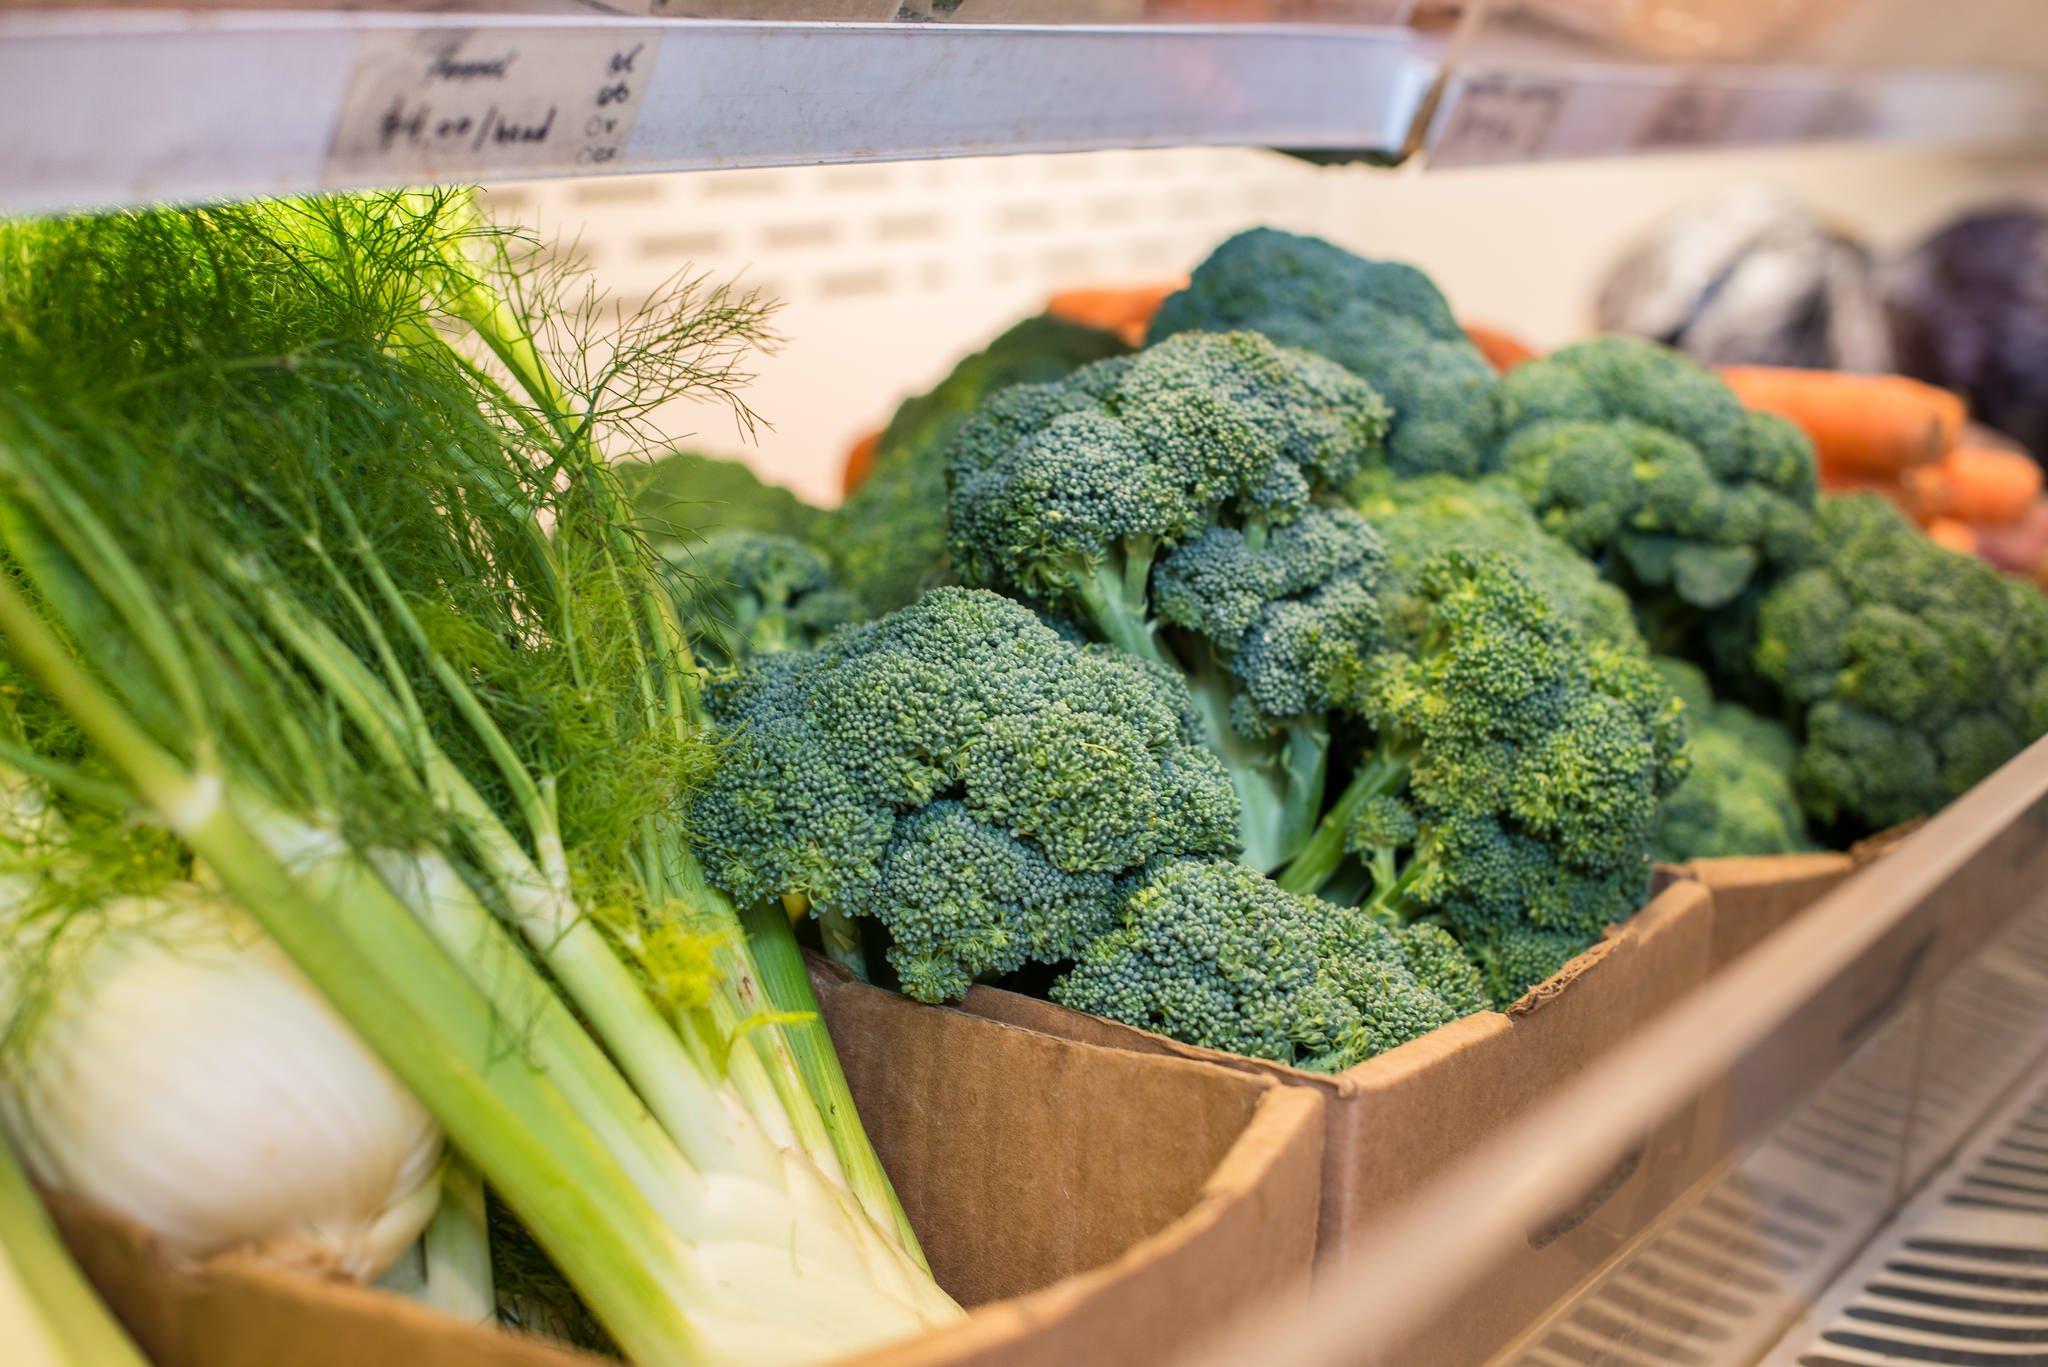 usda_broccoli_fennel.jpg